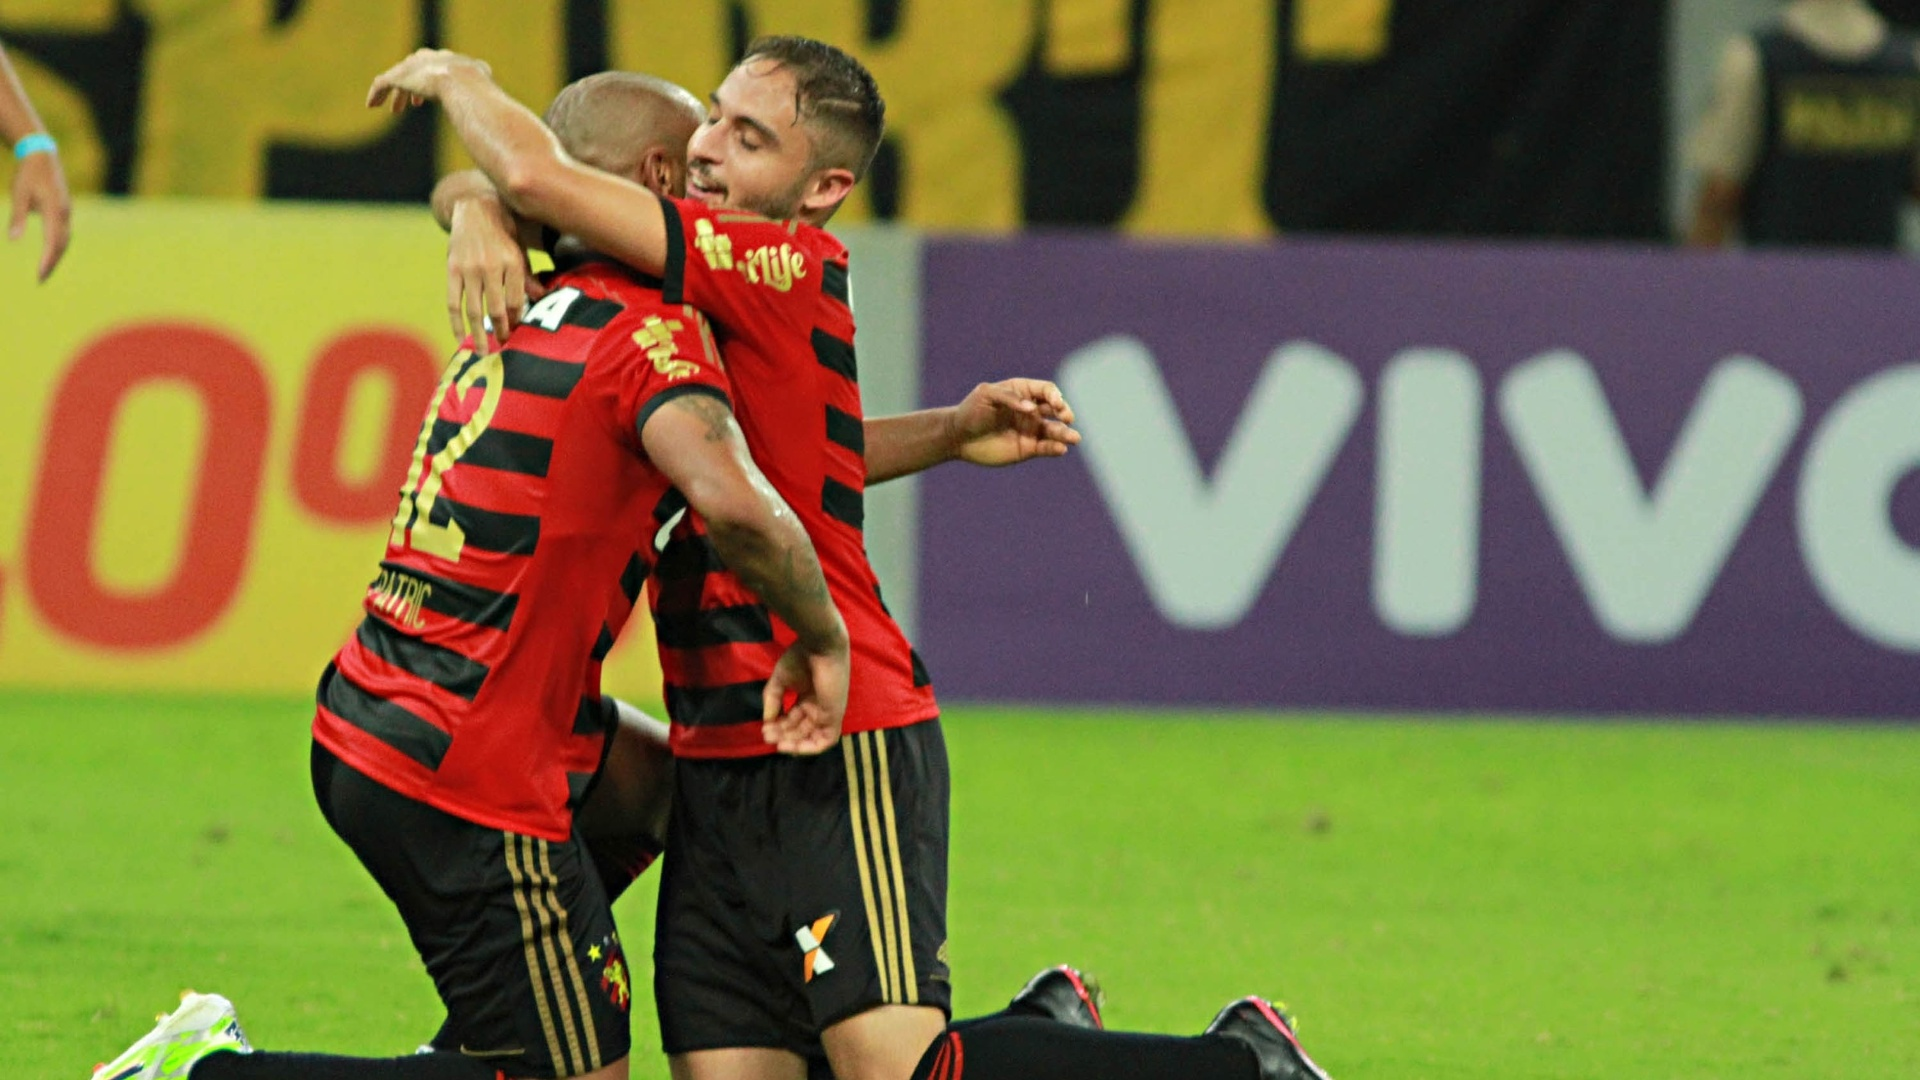 Patric e Regis se emocionam com o empate que o Sport conquistou no final do jogo contra o Flamengo